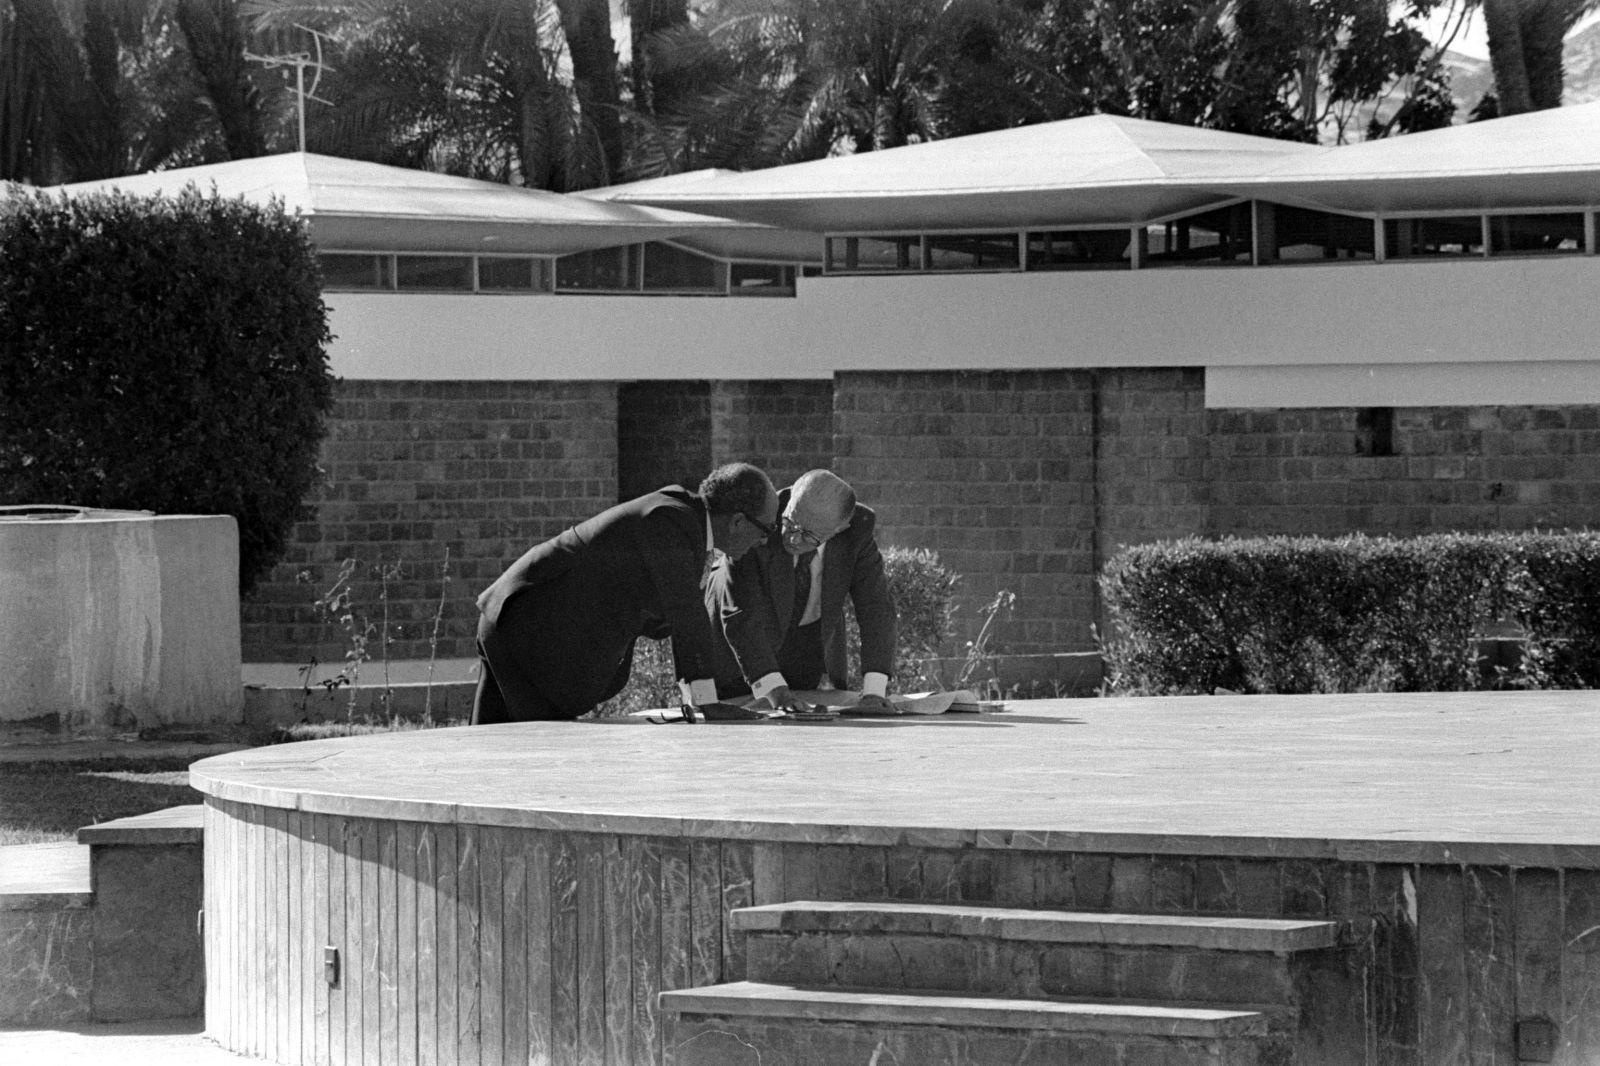 """בגין וסאדאת בוחנים מפות. אסואן, 8.1.80 (צילום: משה מילנר, לע""""מ)"""